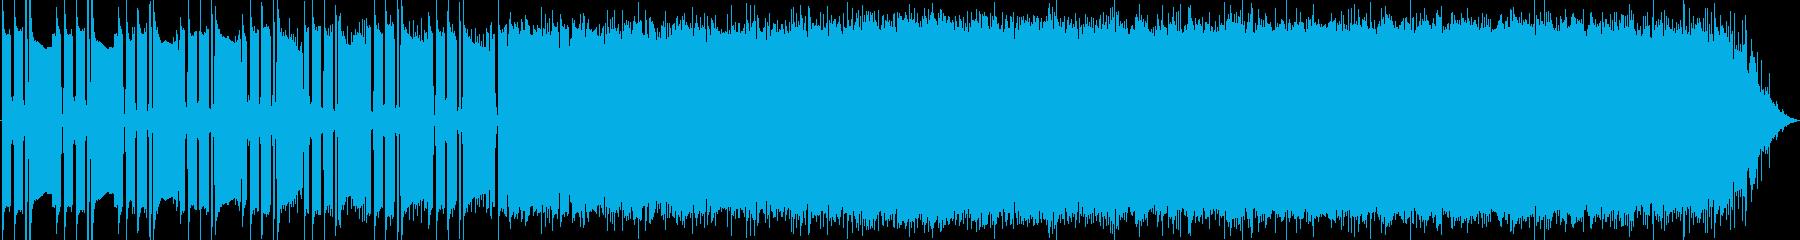 電気楽器。スペーシーな、トリッピー...の再生済みの波形